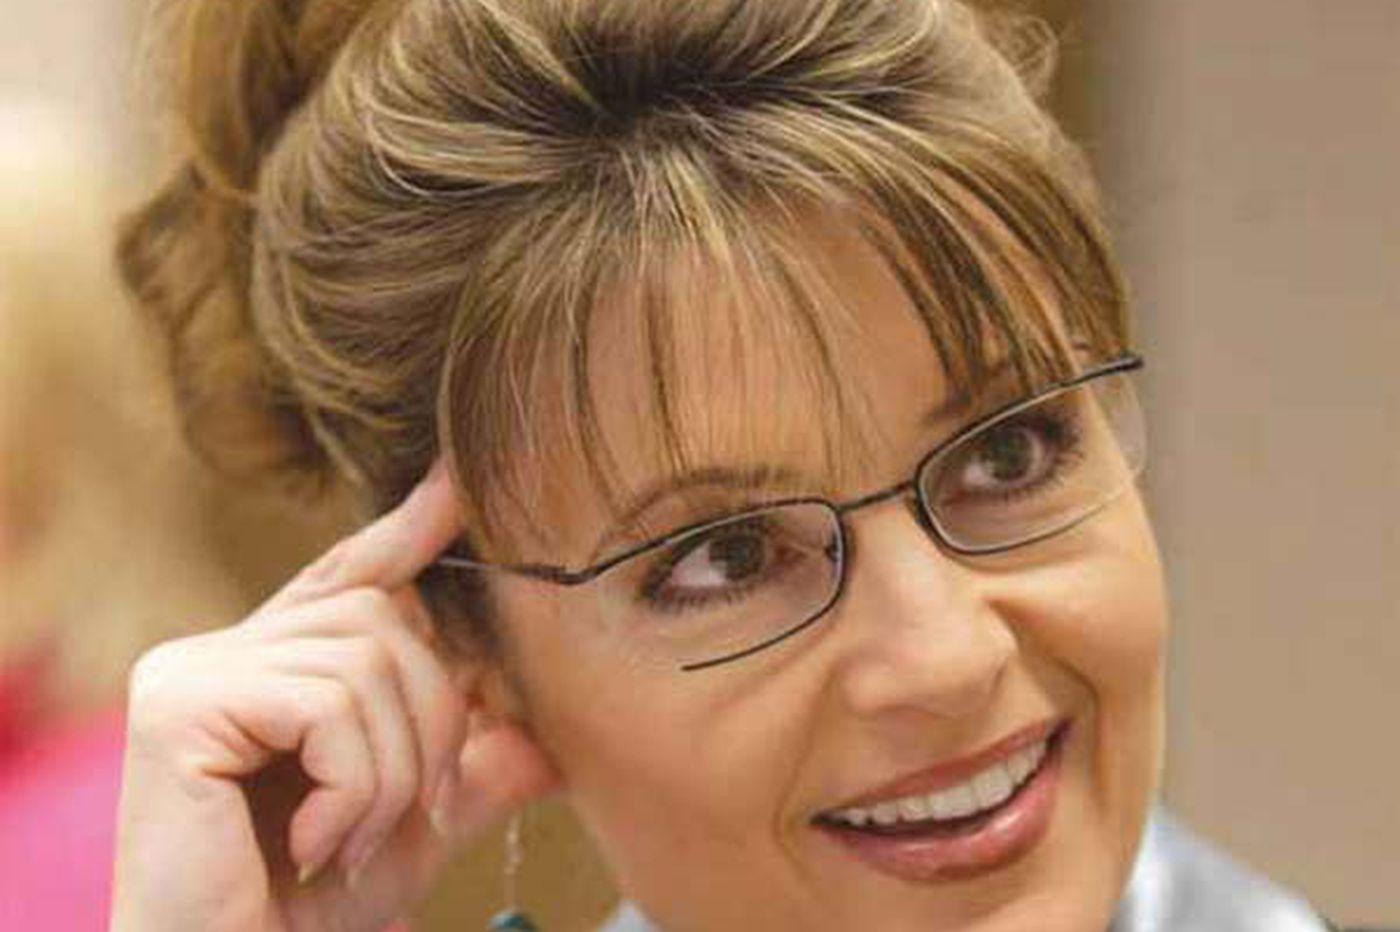 Reviewing Palin's days as Alaska's governor